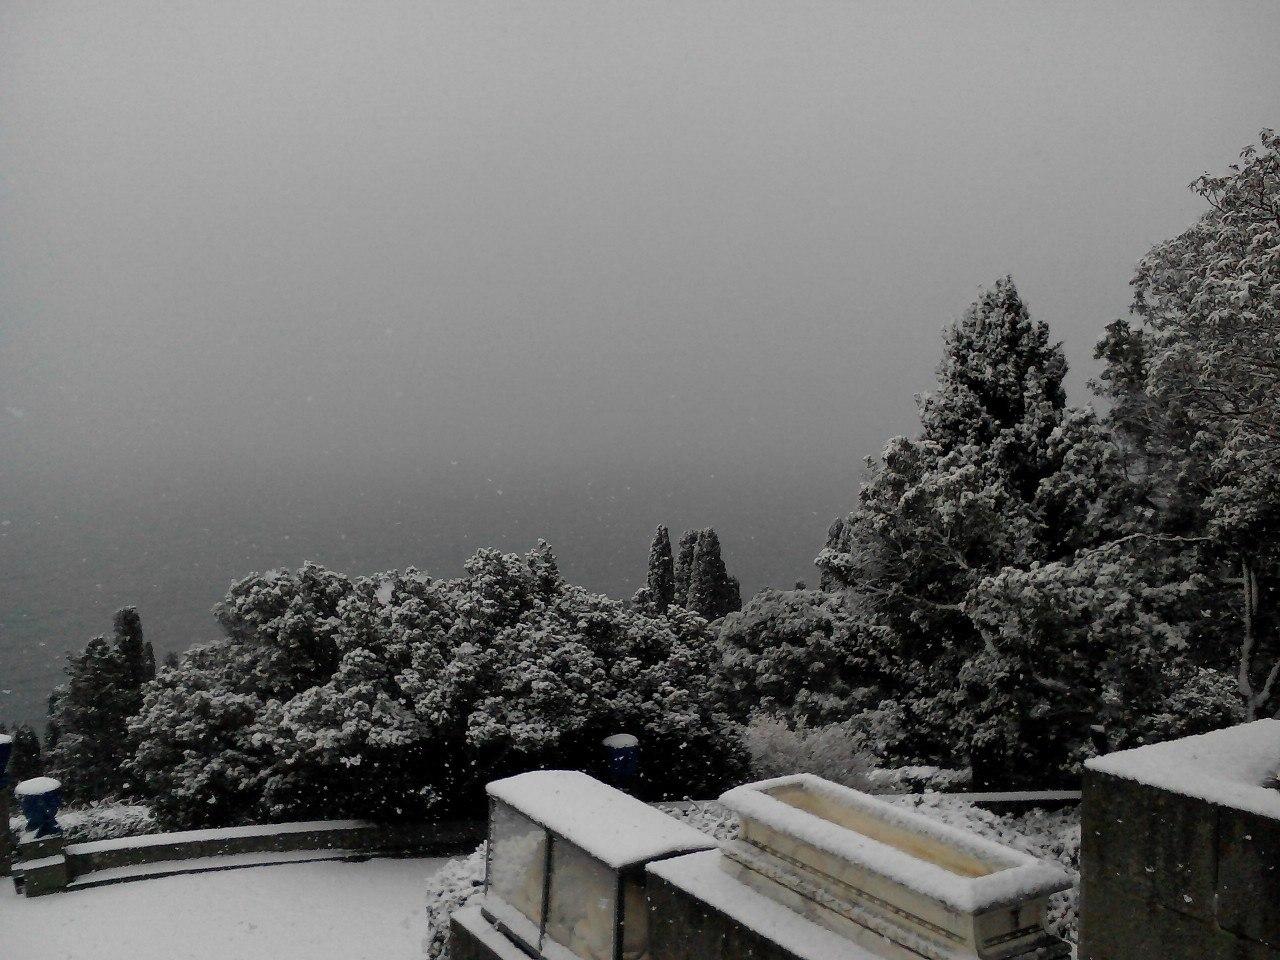 Воронцовский дворец в снегу: вид с Южной террасы